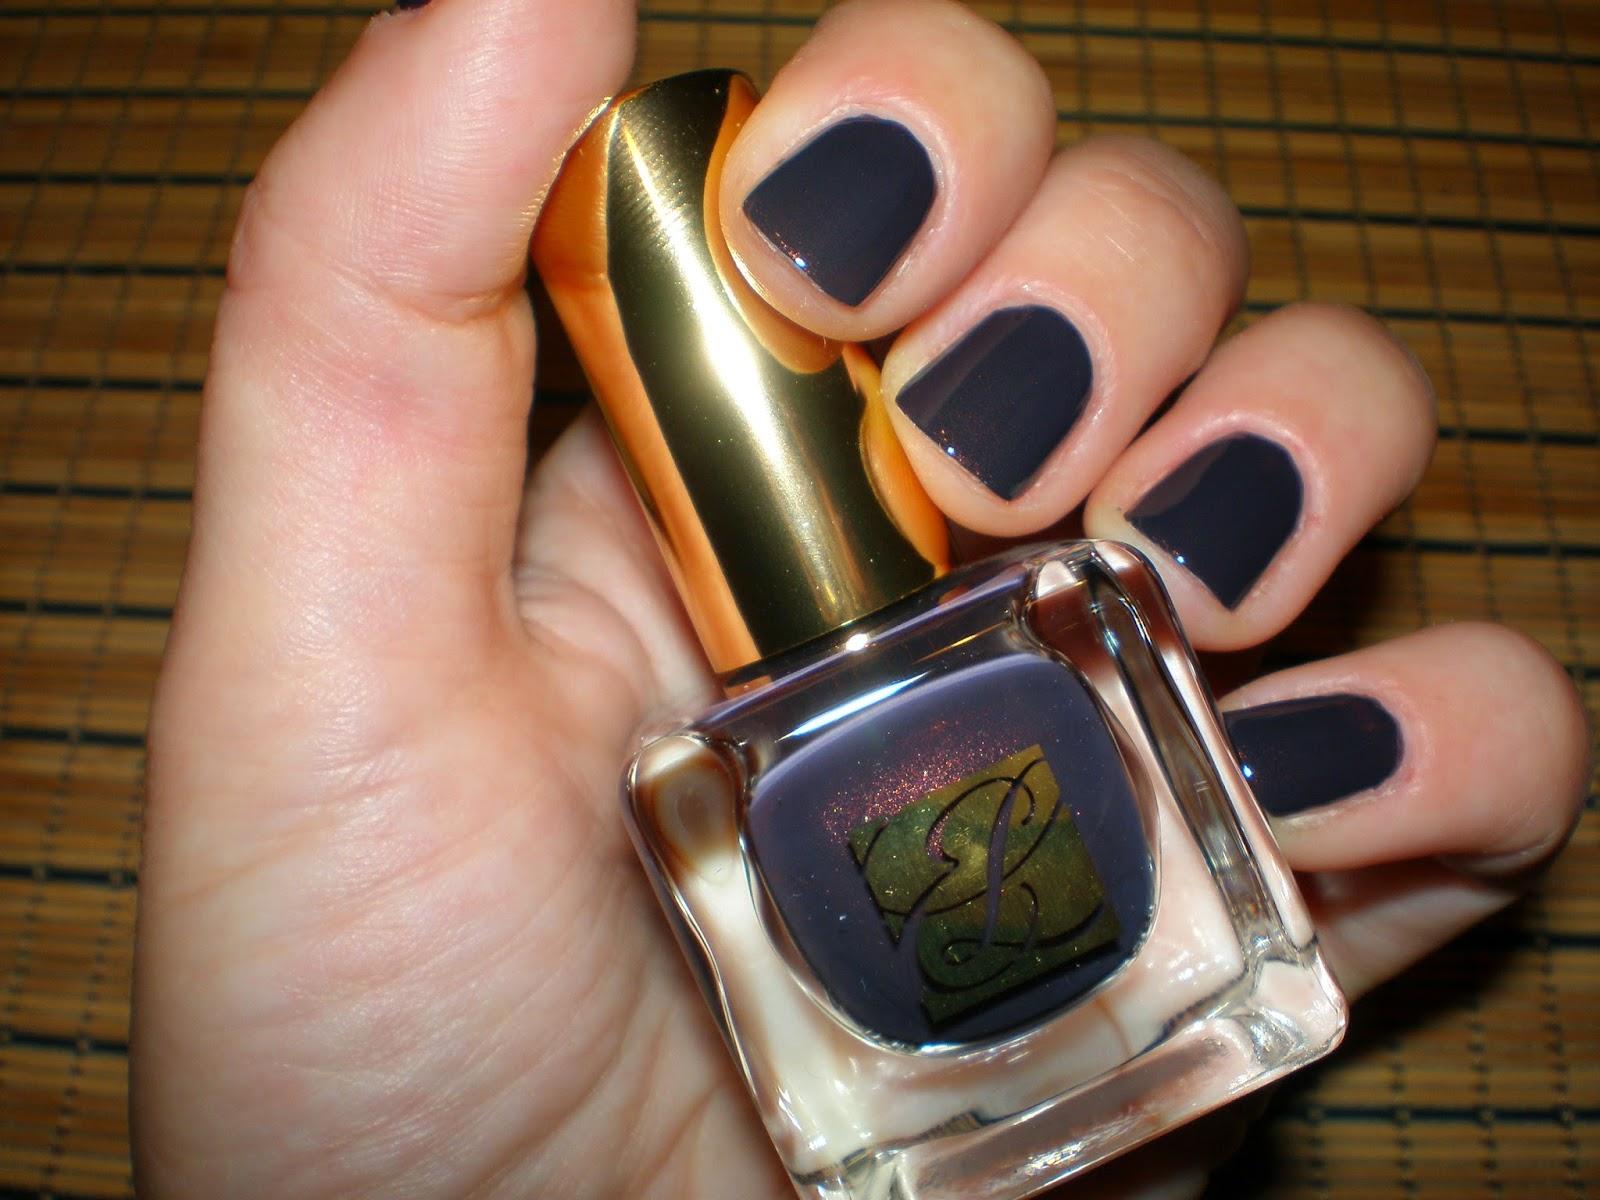 Estee Lauder nail polish in Molten Lava